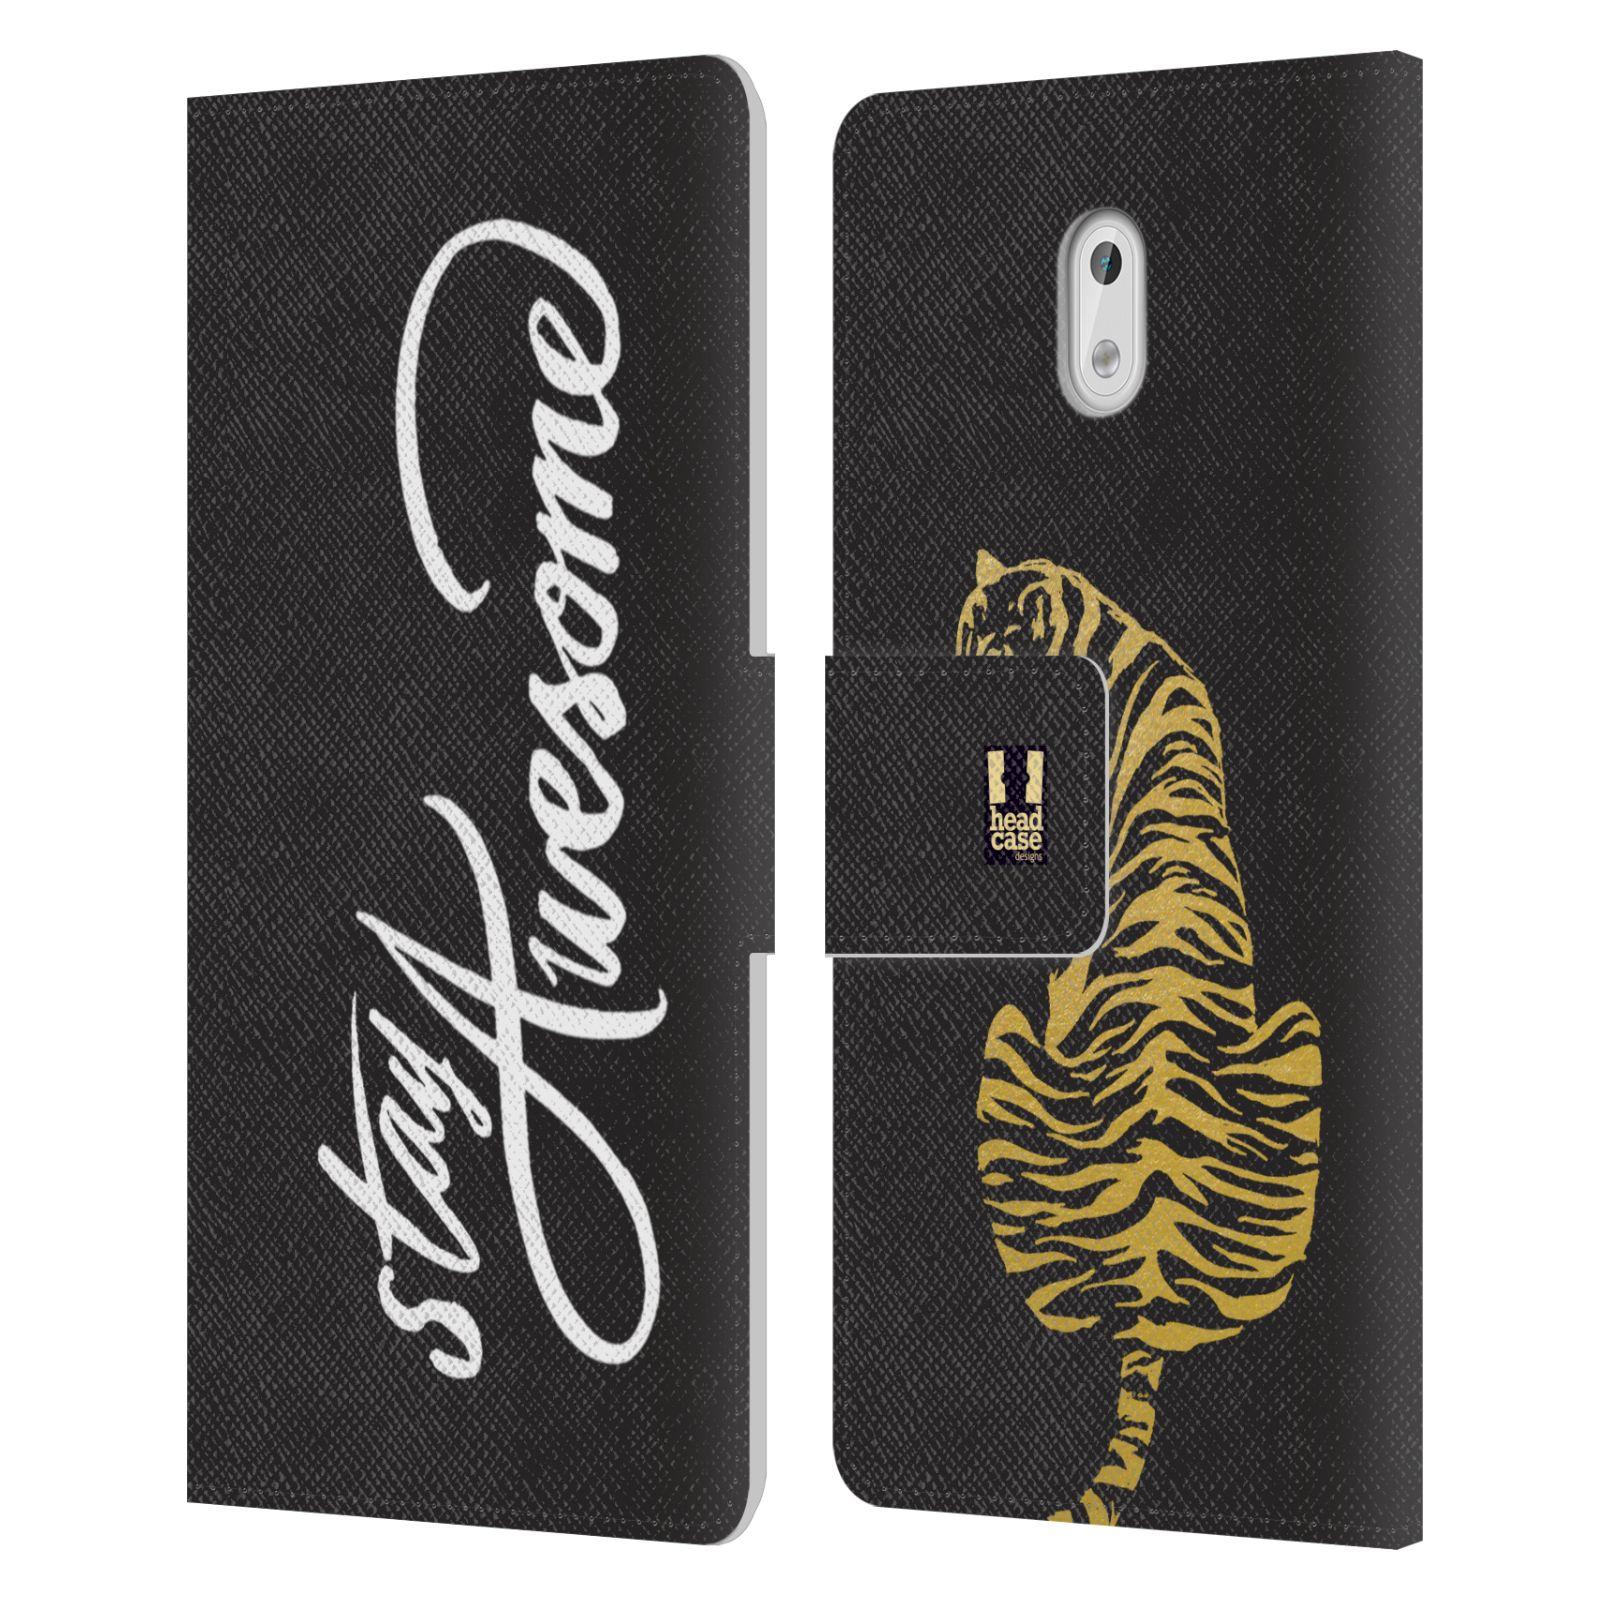 head case designs golden brieftasche handyh lle aus leder. Black Bedroom Furniture Sets. Home Design Ideas